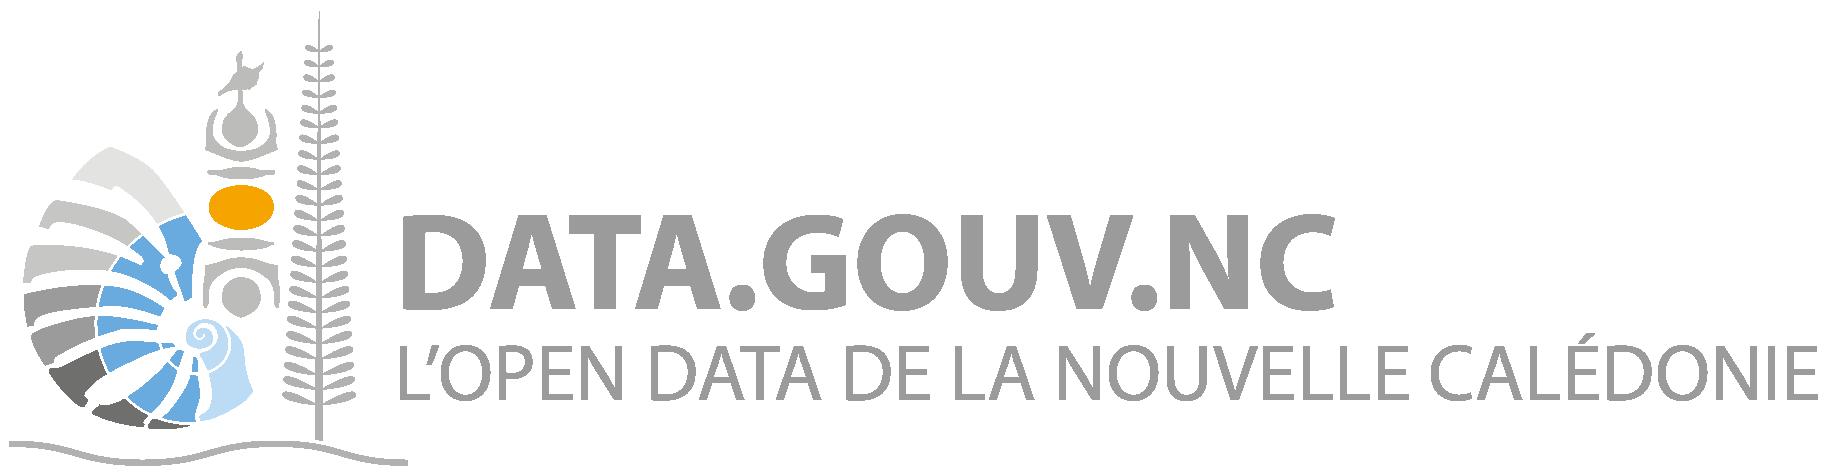 data.gouv.nc